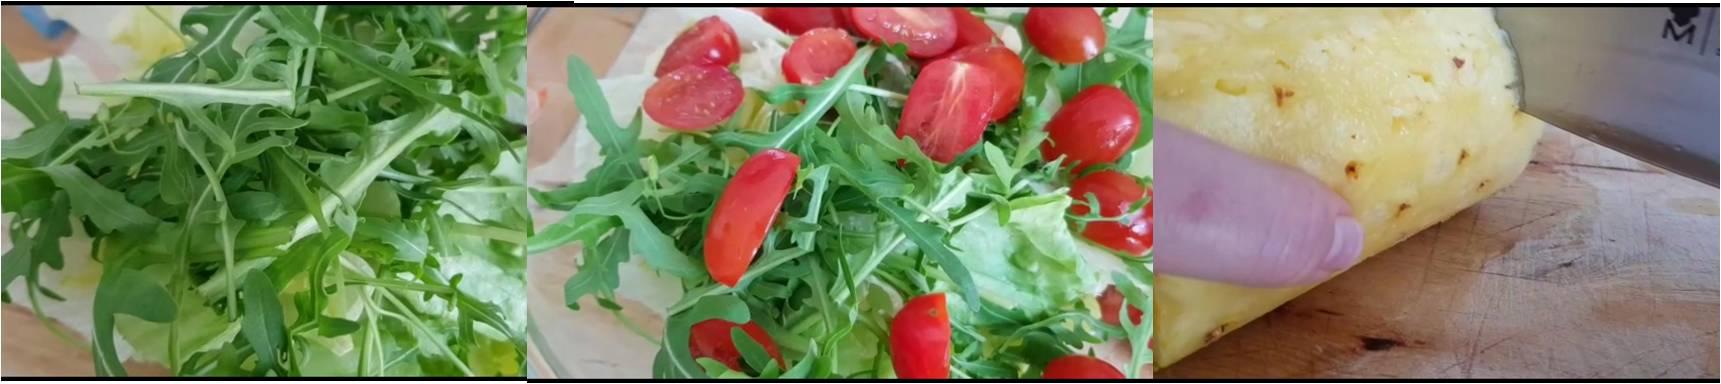 ricetta passo passo insalata di ananas e pomdorini 2